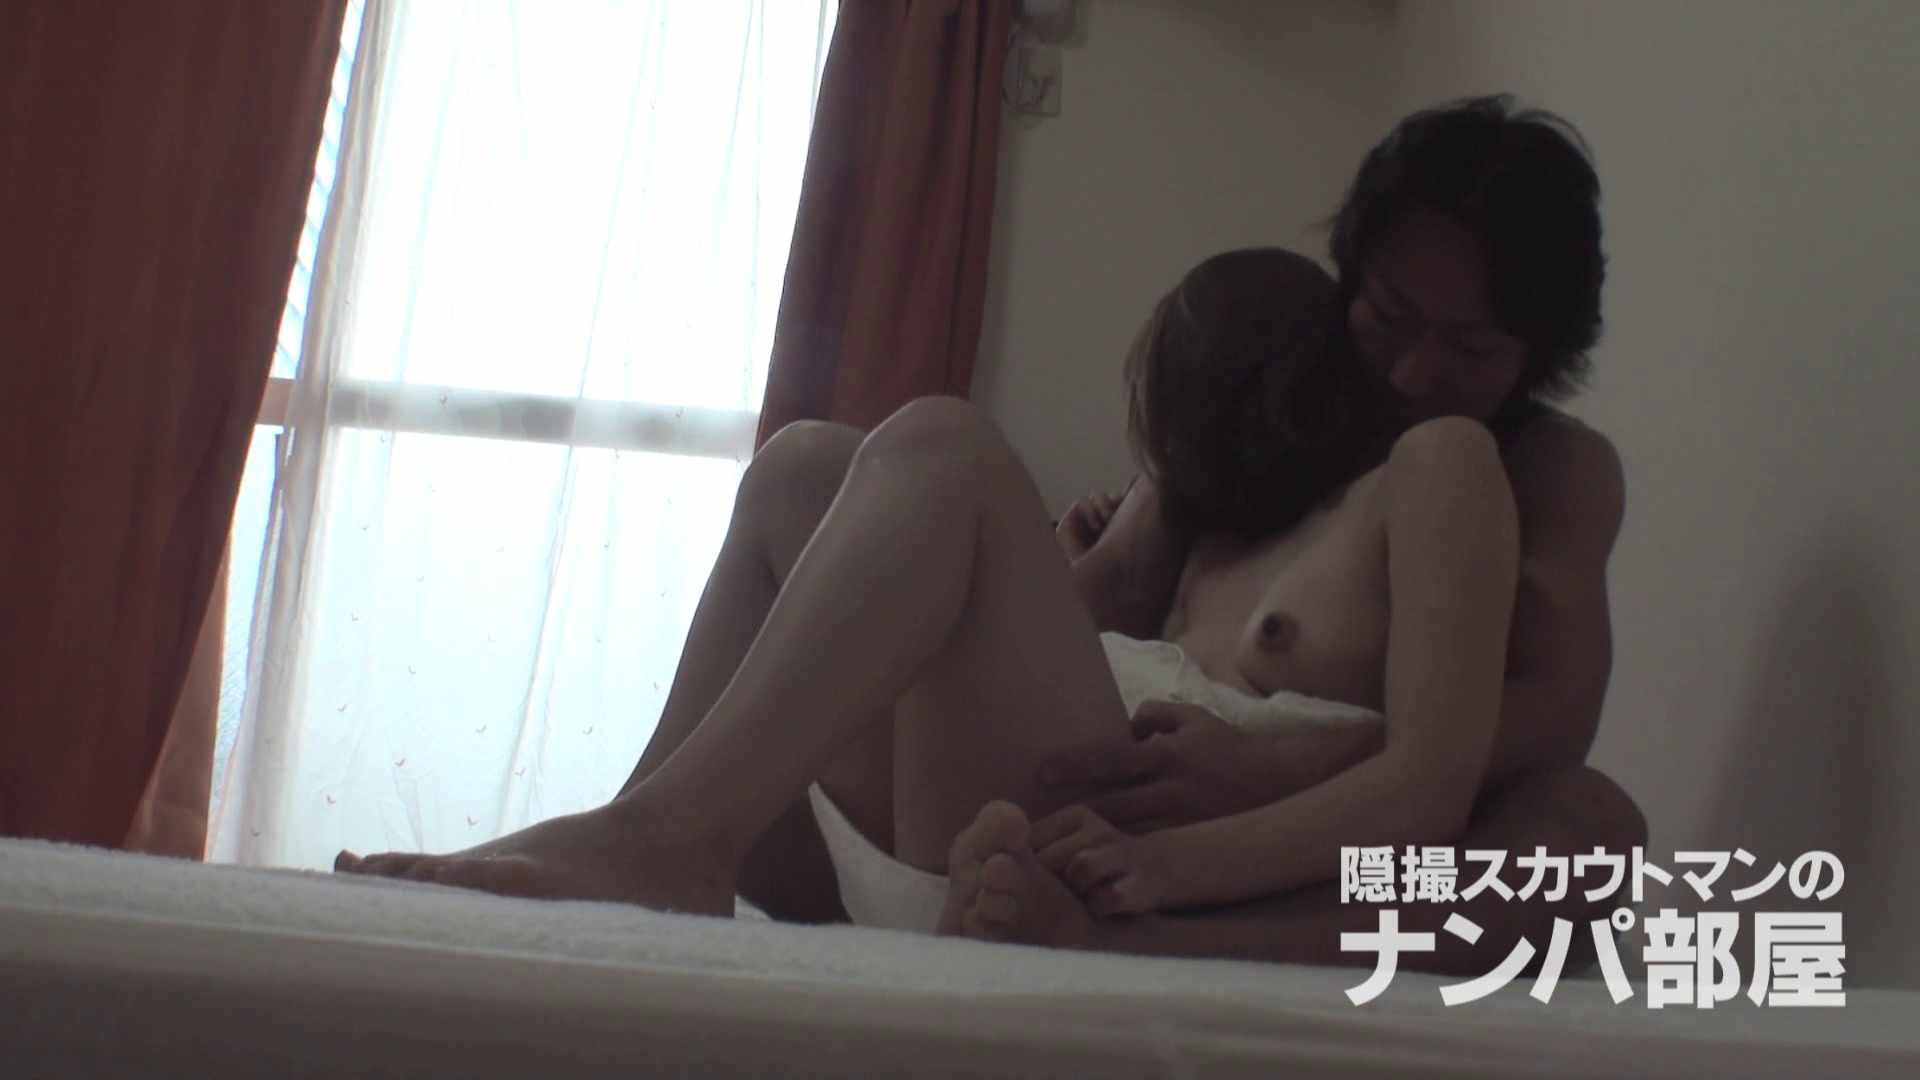 隠撮スカウトマンのナンパ部屋~風俗デビュー前のつまみ食い~ sii 脱衣所 | ナンパ  100連発 76